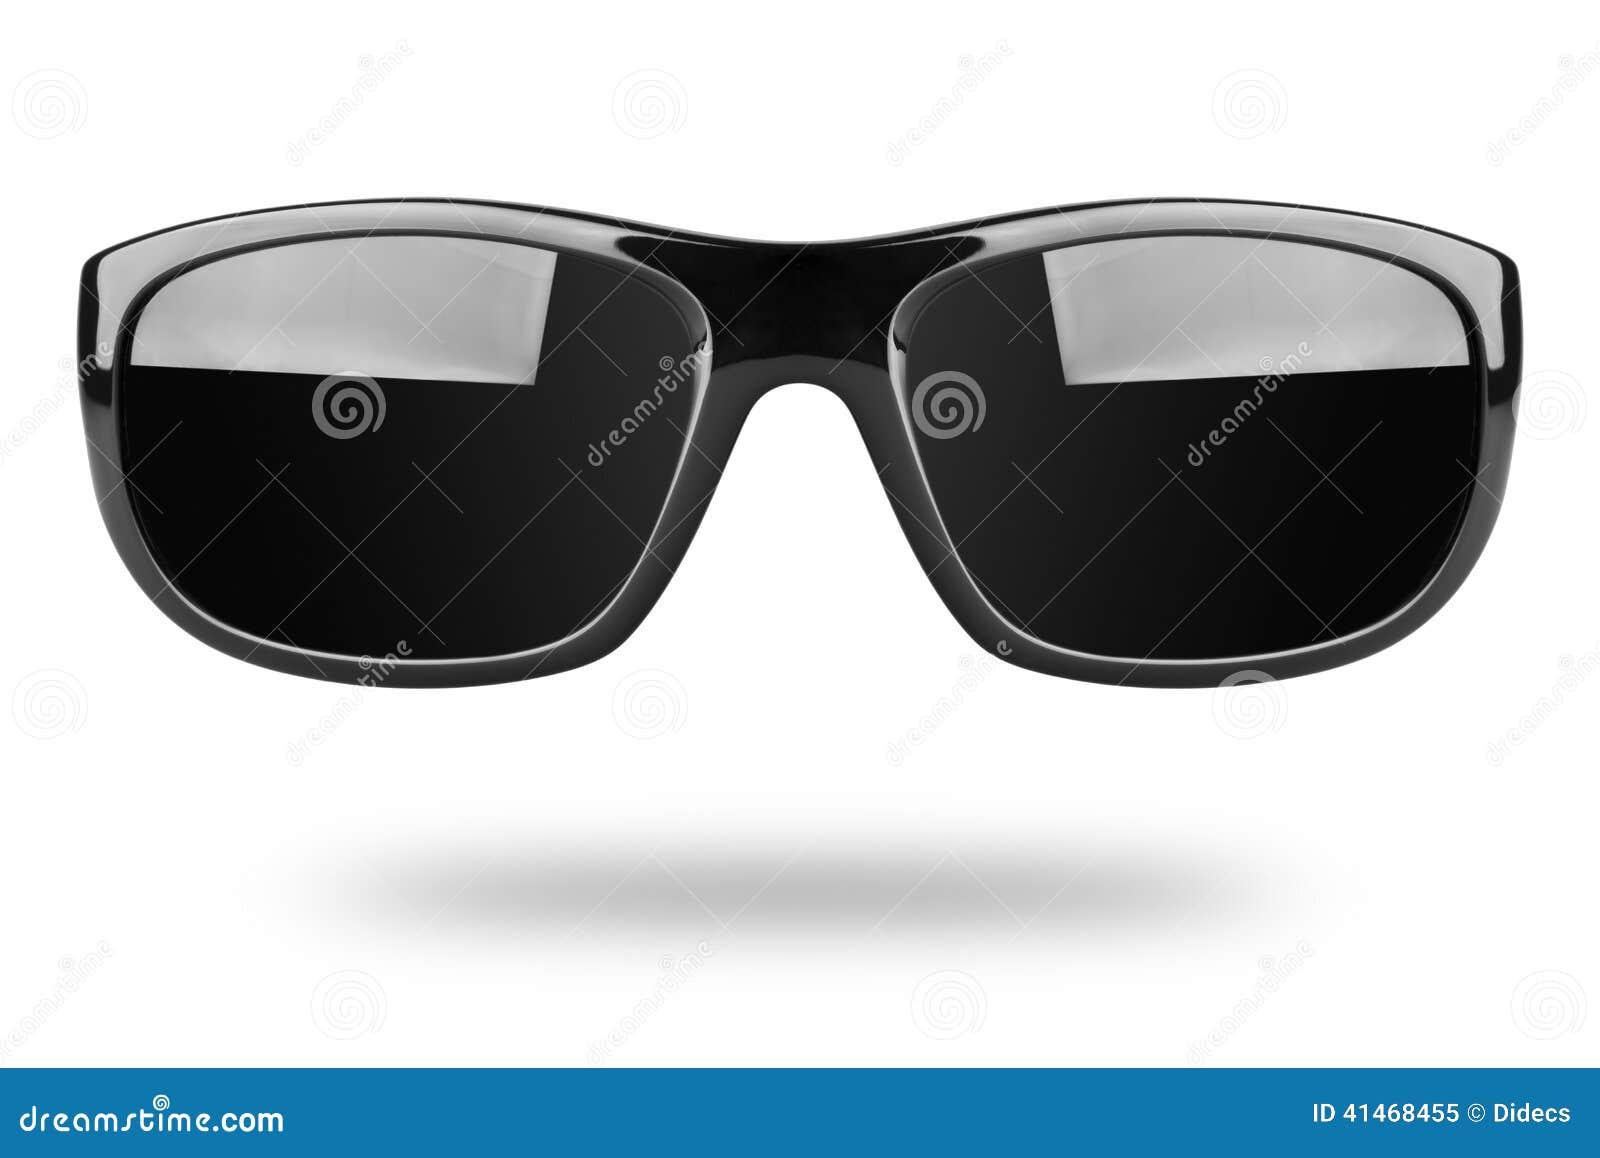 8cdaf9ae Gafas De Sol Aisladas En El Fondo Blanco Imagen de archivo - Imagen ...